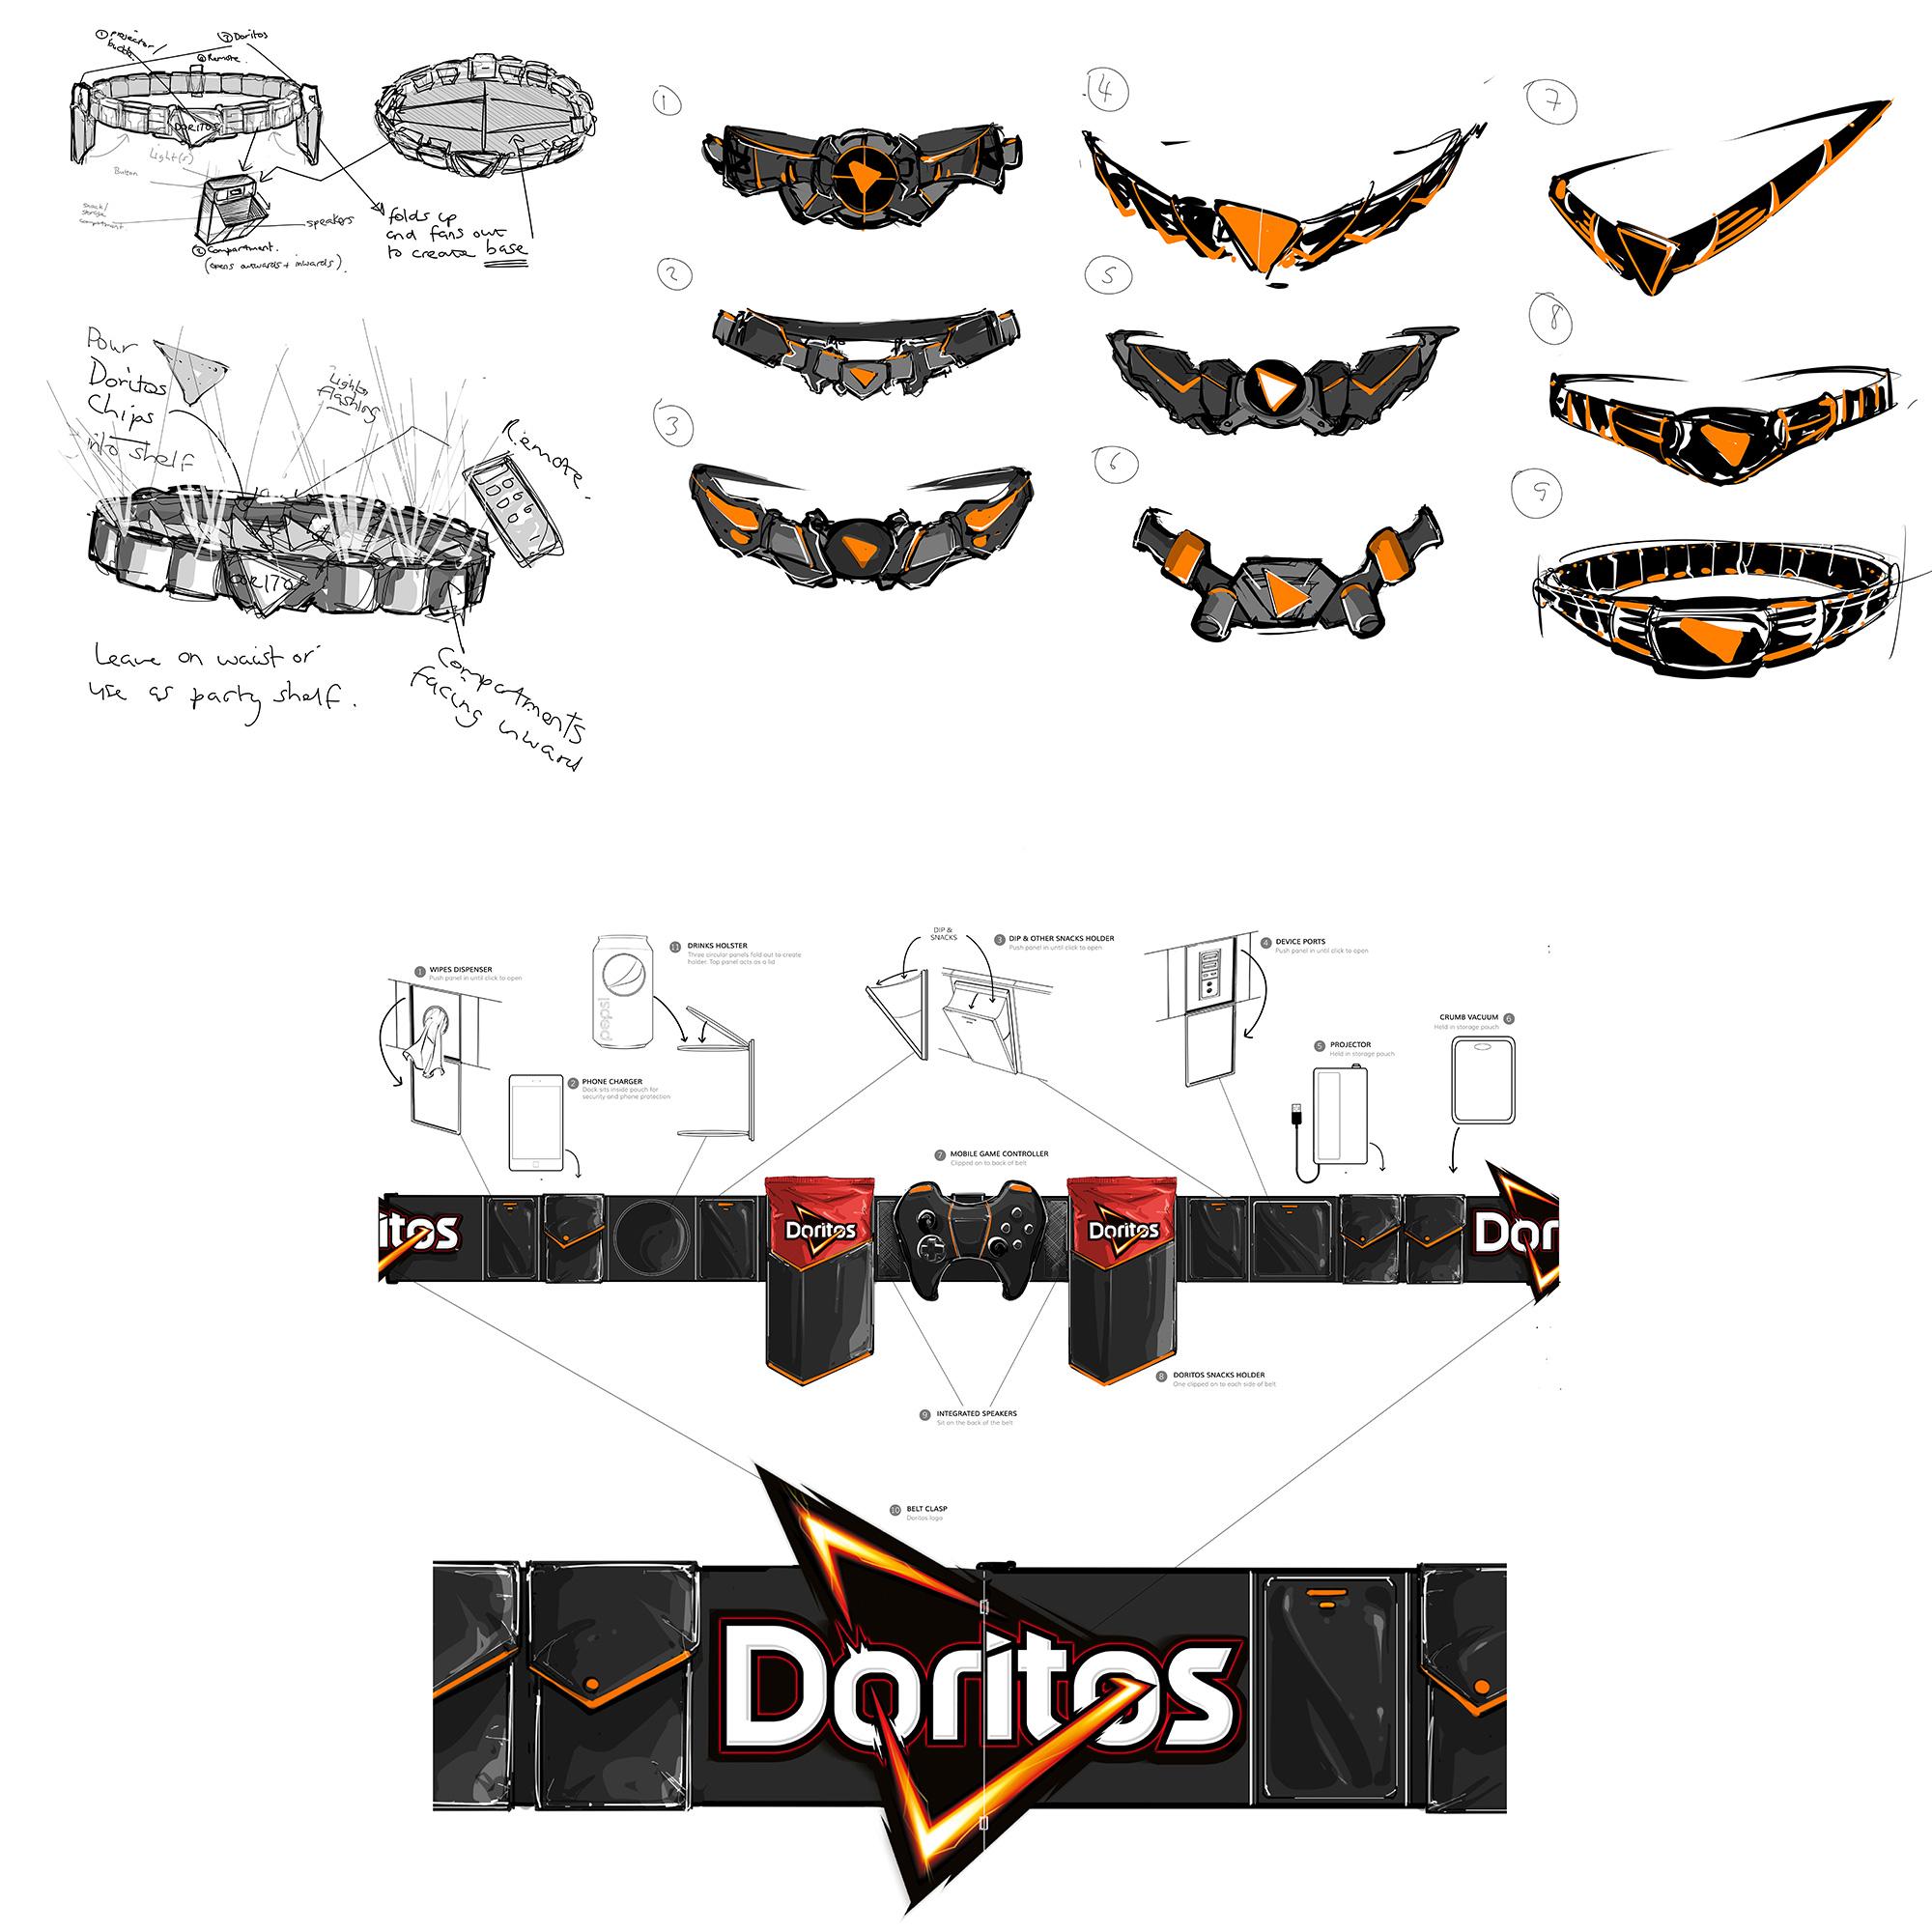 doritos-banner